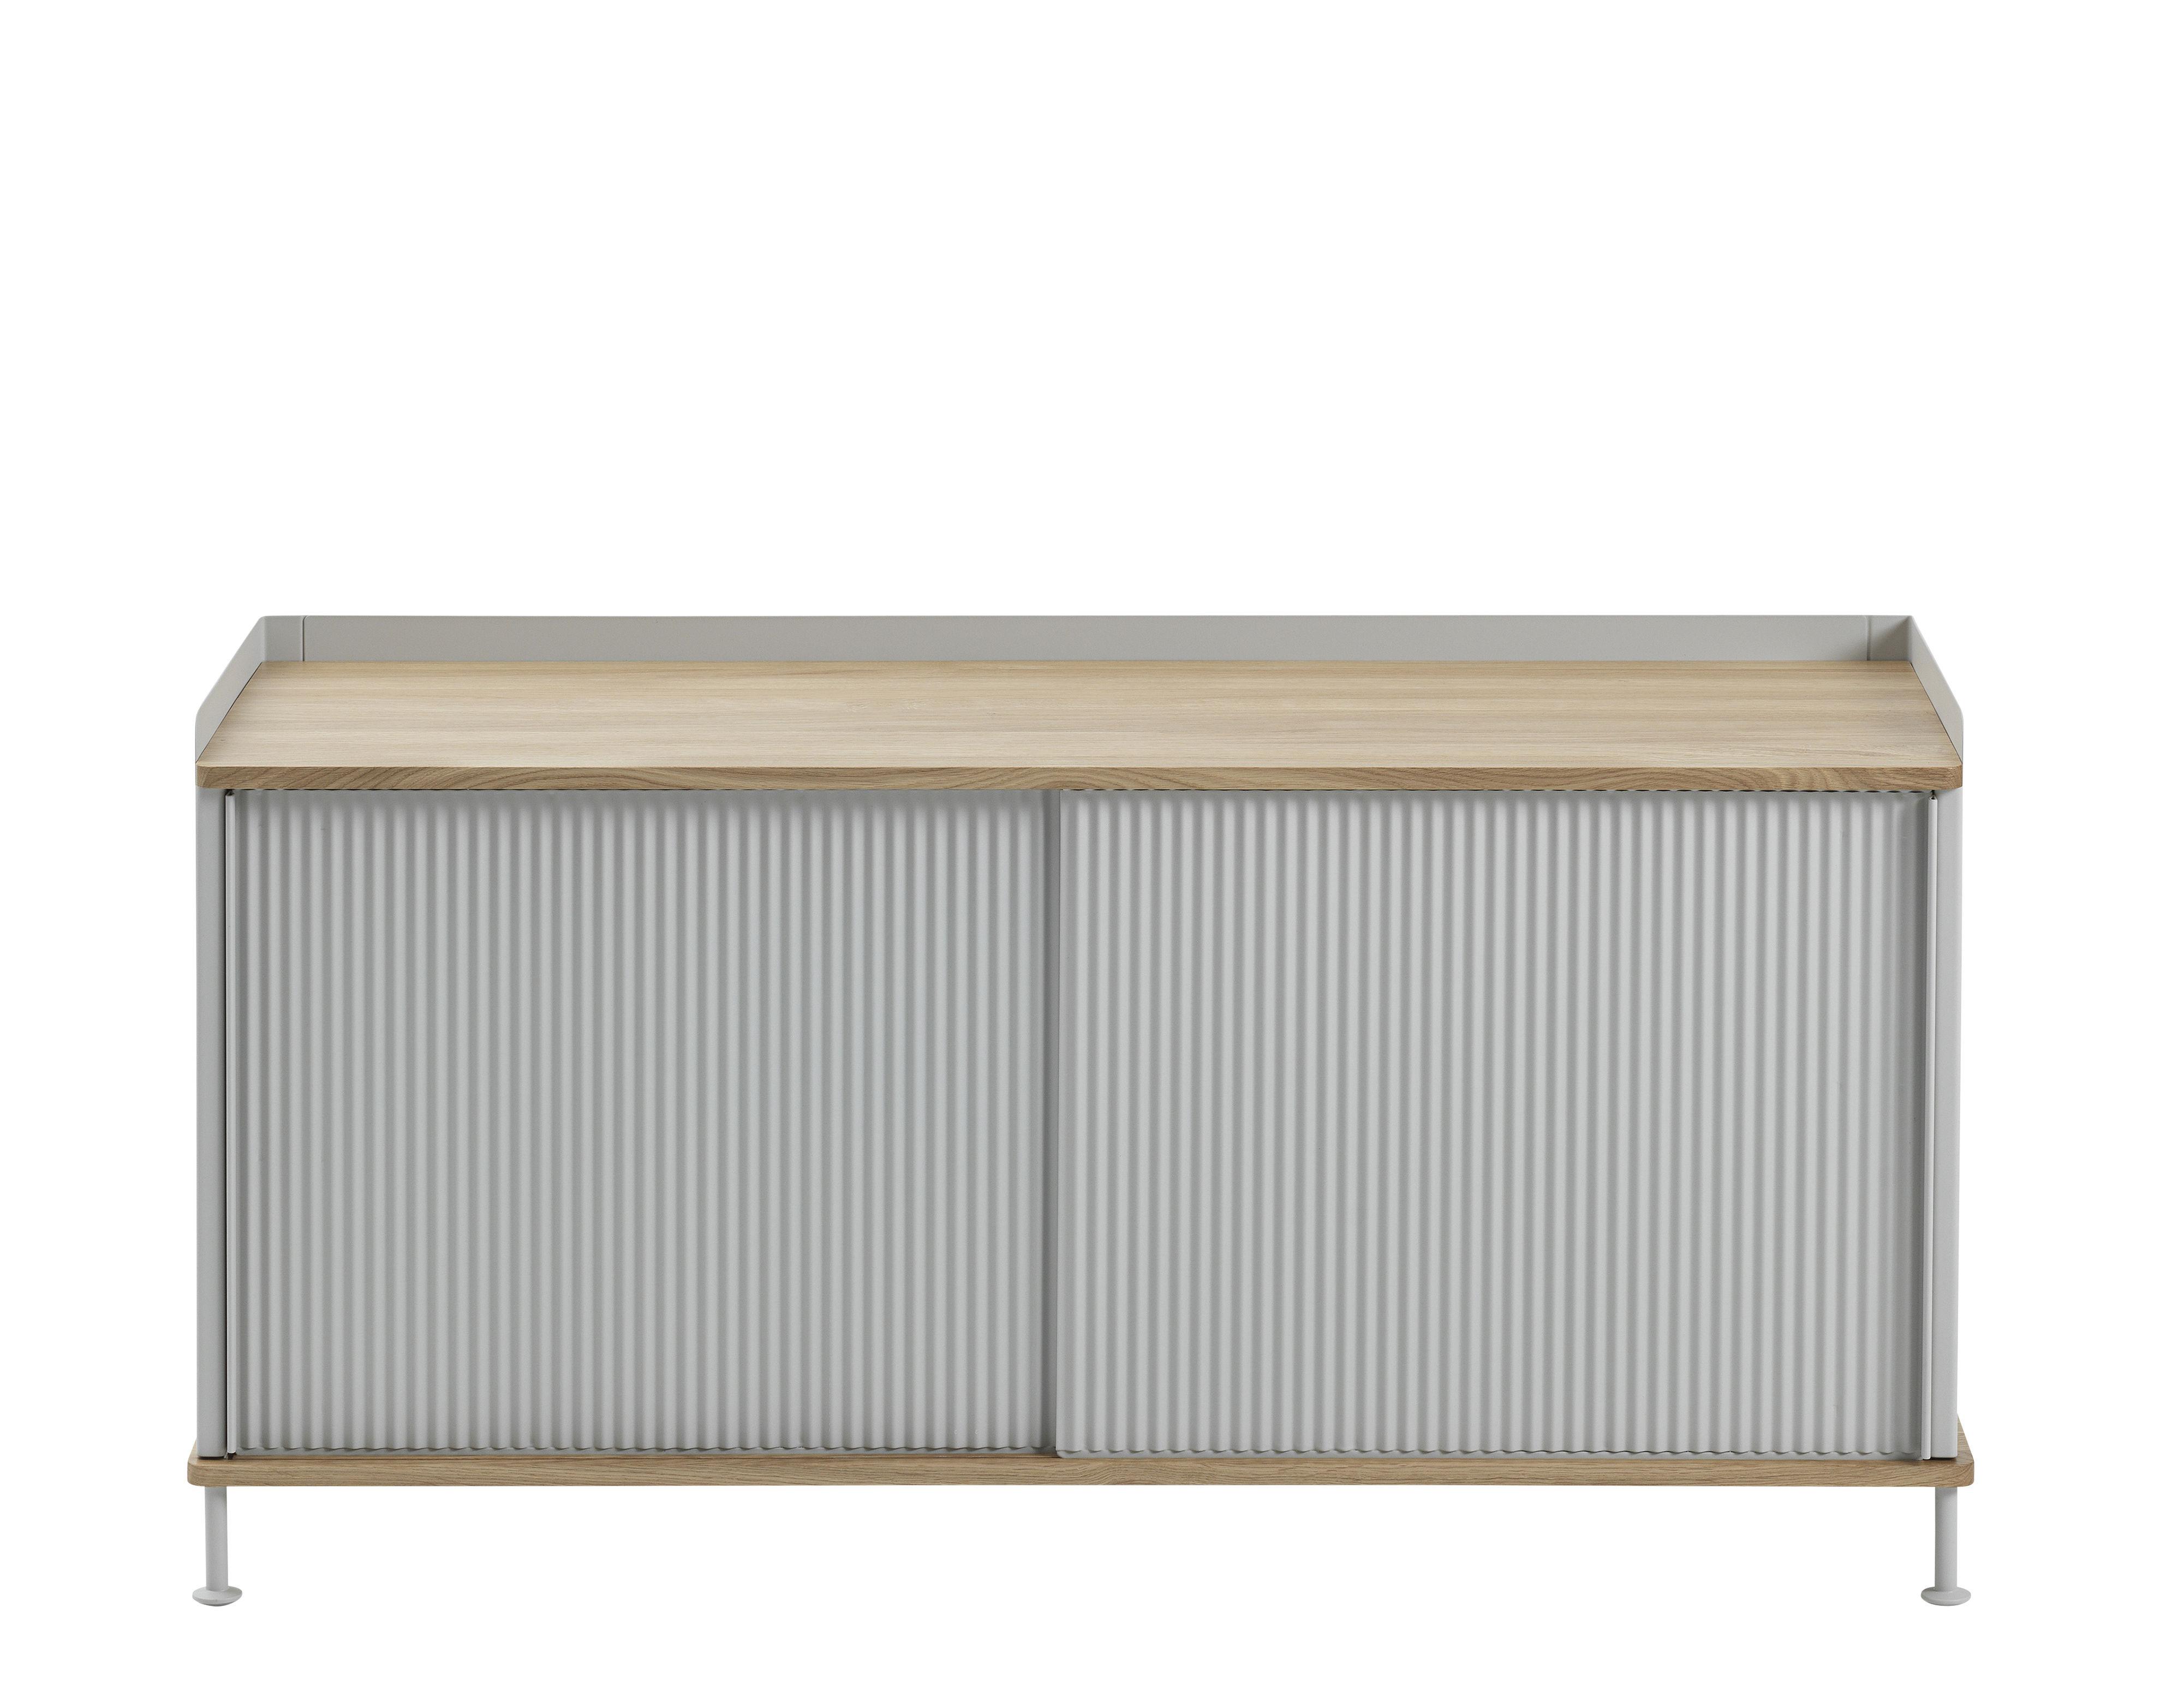 Credenza Bassa Da Giardino : Enfold buffet basso acciaio & rovere naturale grigio by